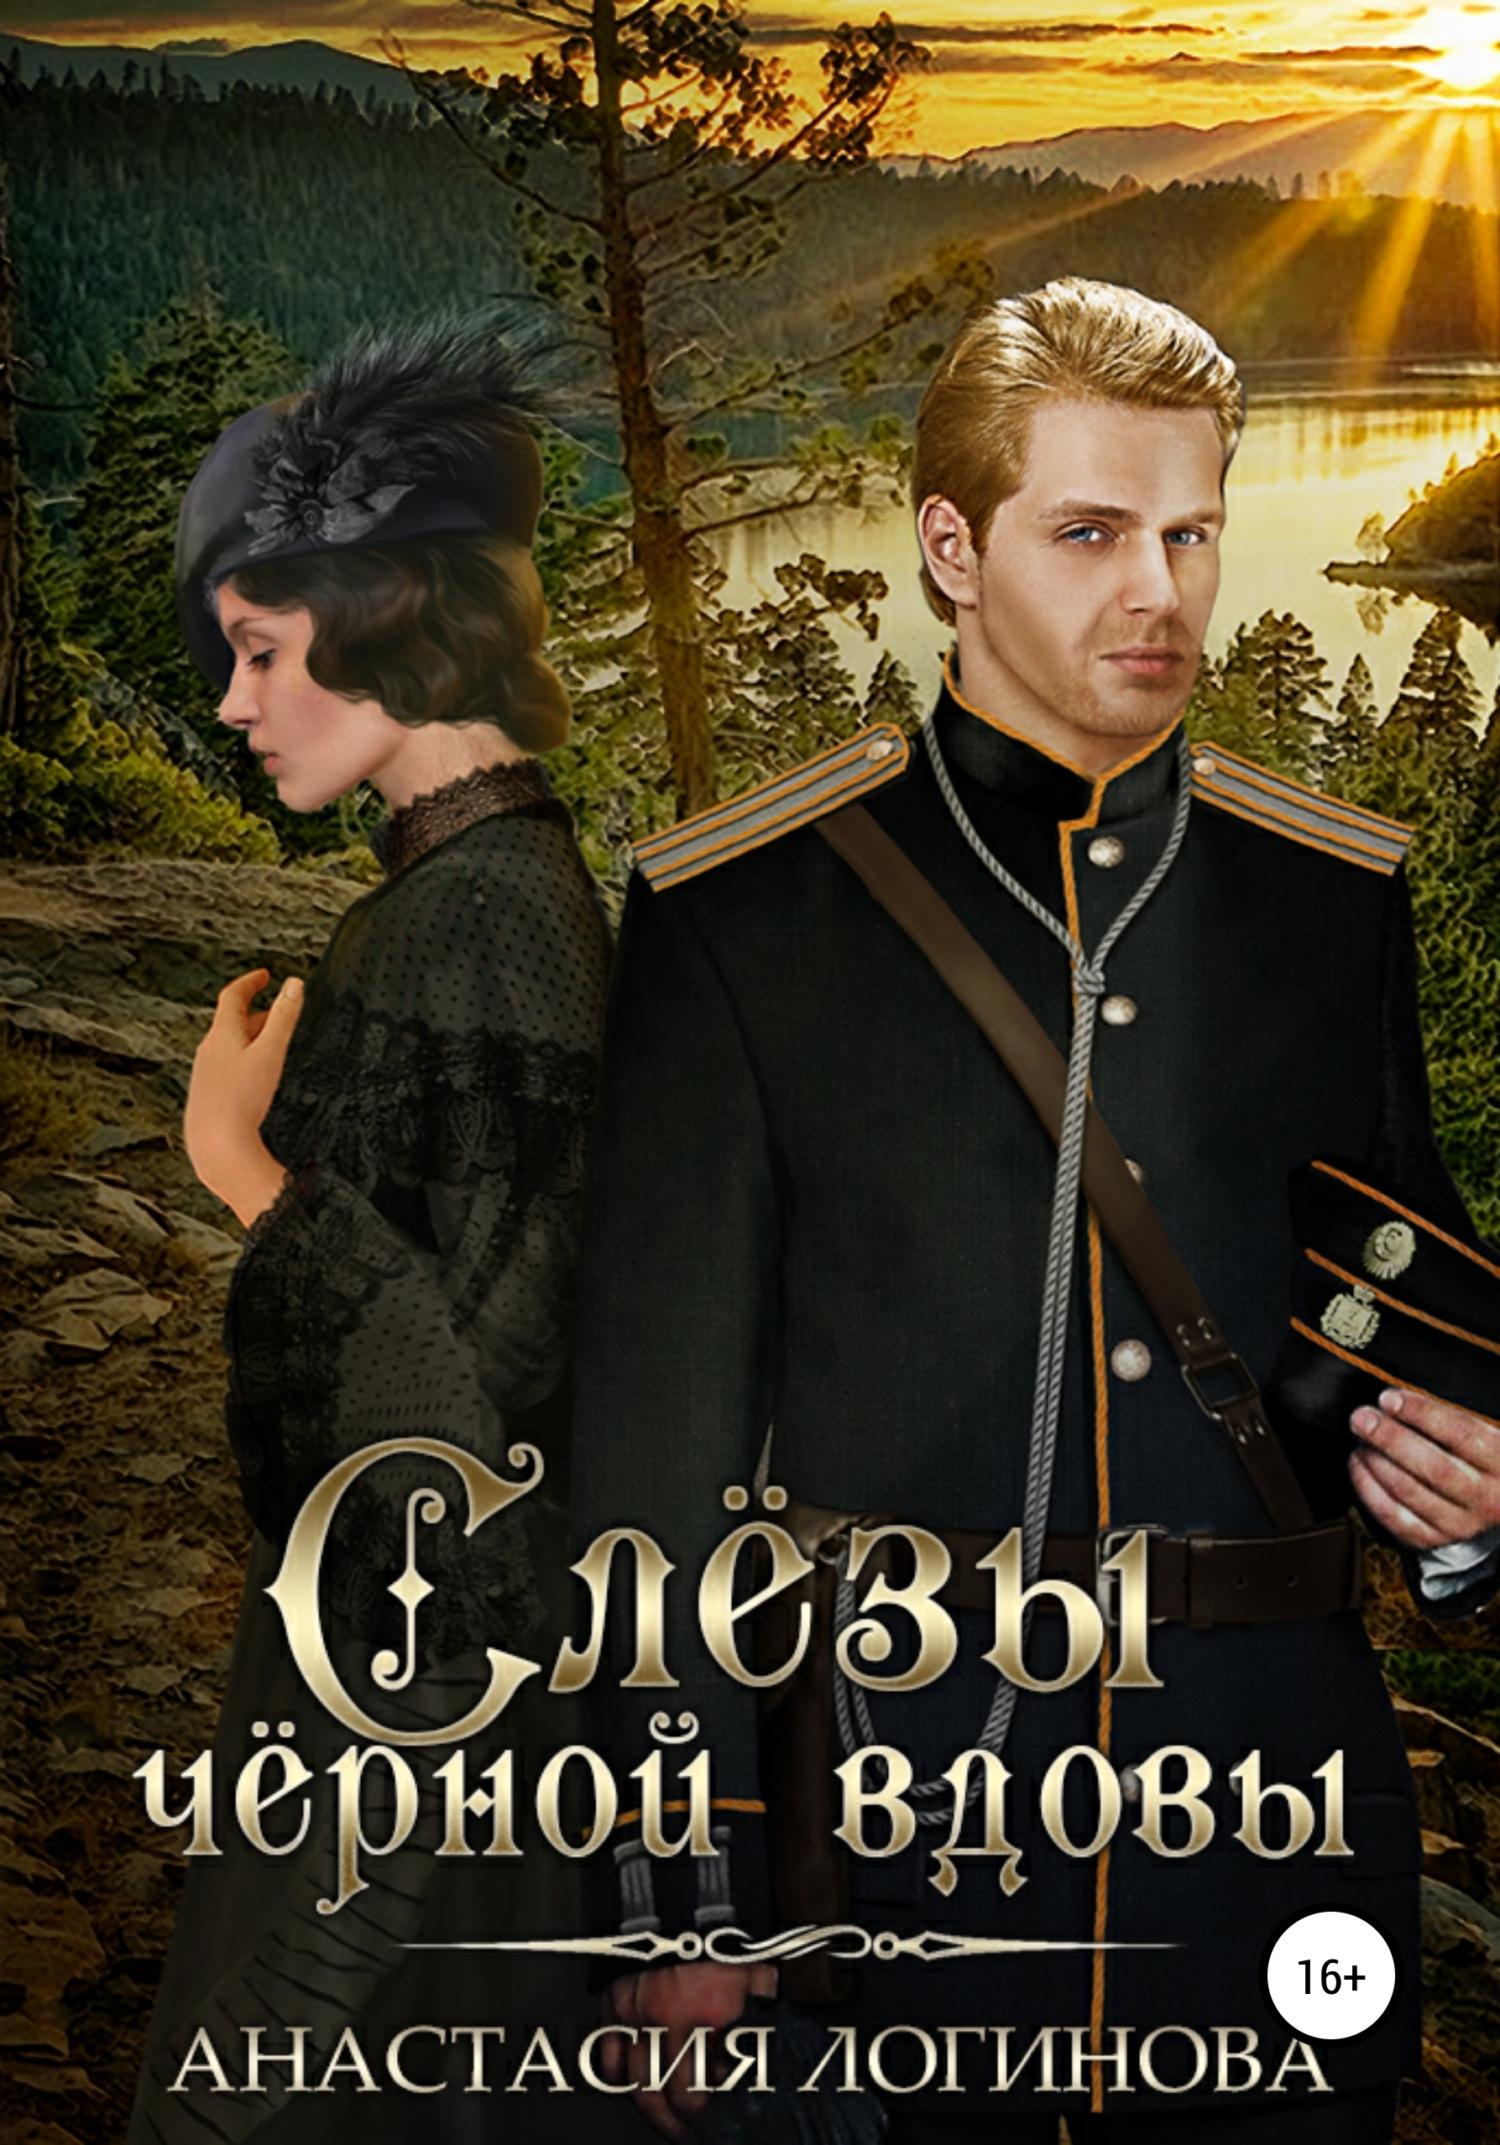 купить Анастасия Александровна Логинова Слёзы чёрной вдовы по цене 109 рублей